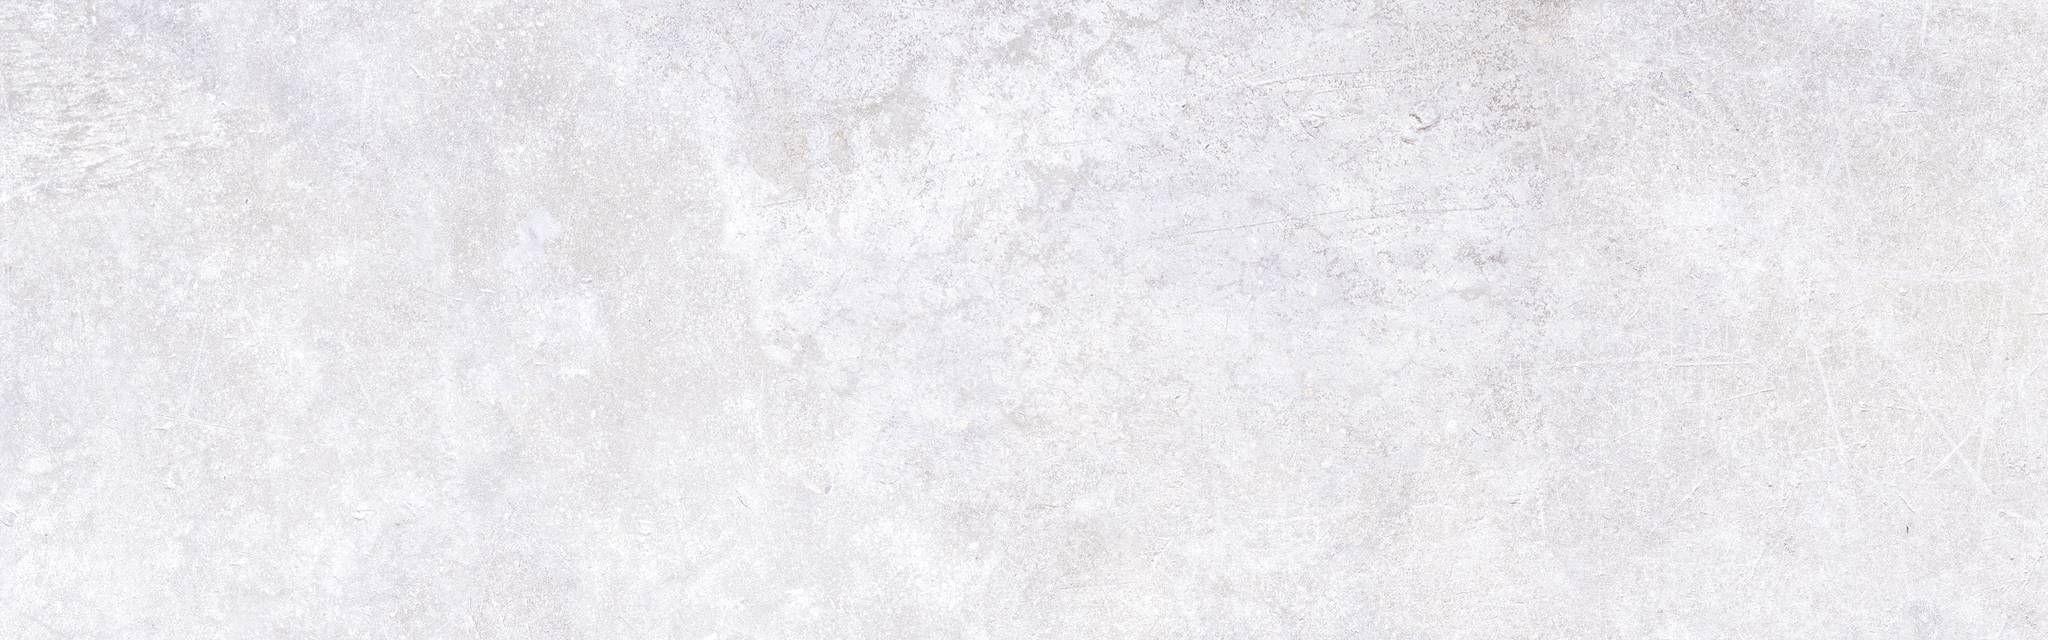 Настенная плитка Cifre Materia White 25х80 ступень cifre ceramica iberia peld paja florentino 33x33